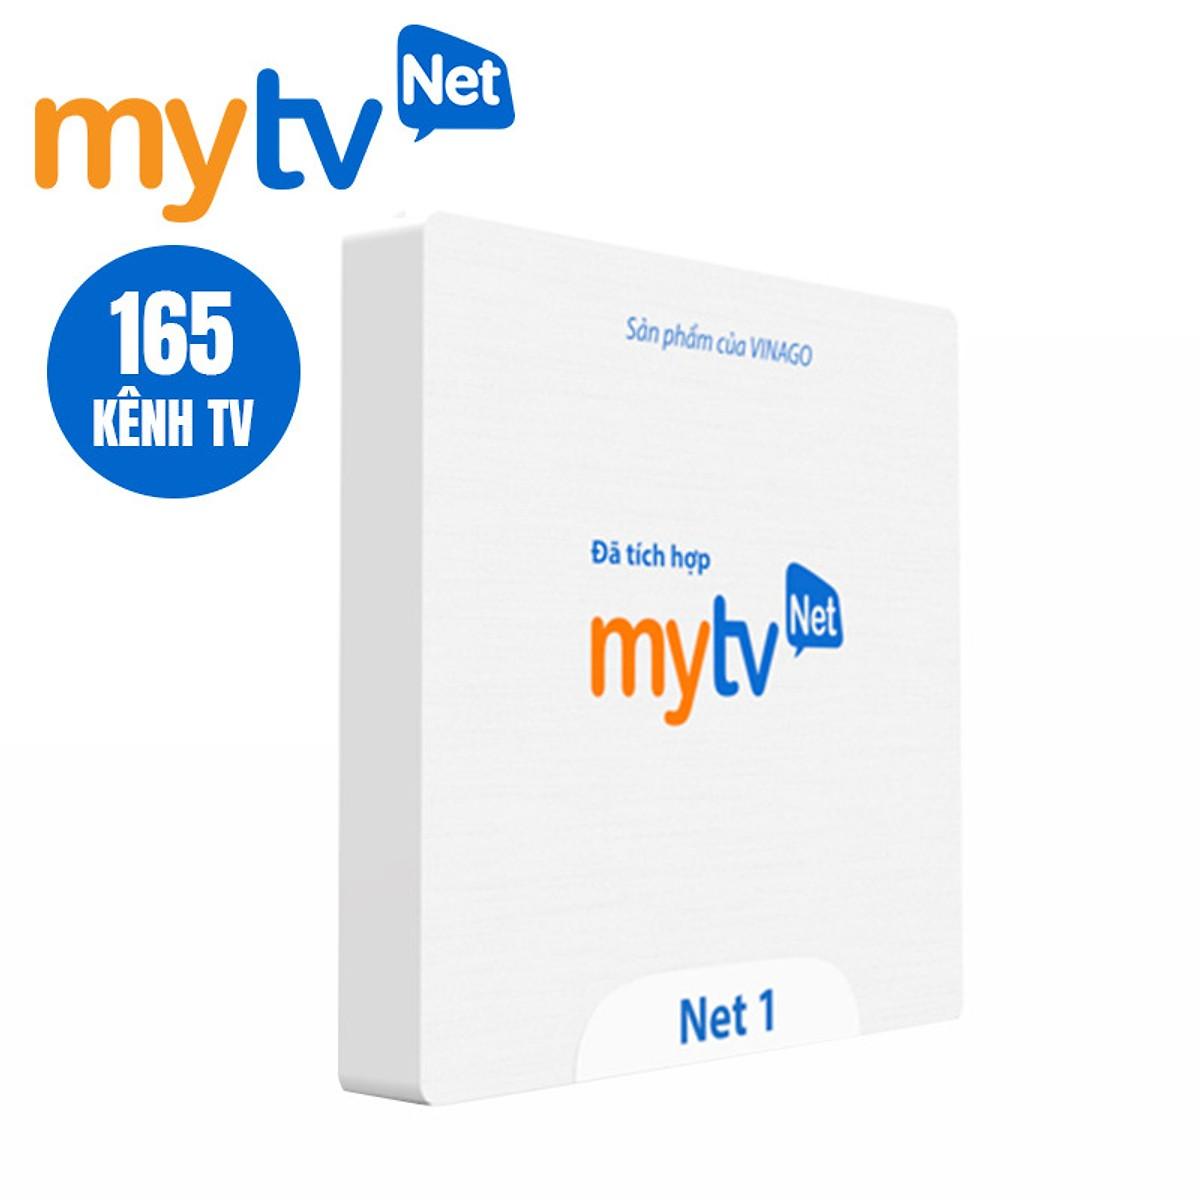 Android box MyTvnet Net 1 chính hãng VNPT